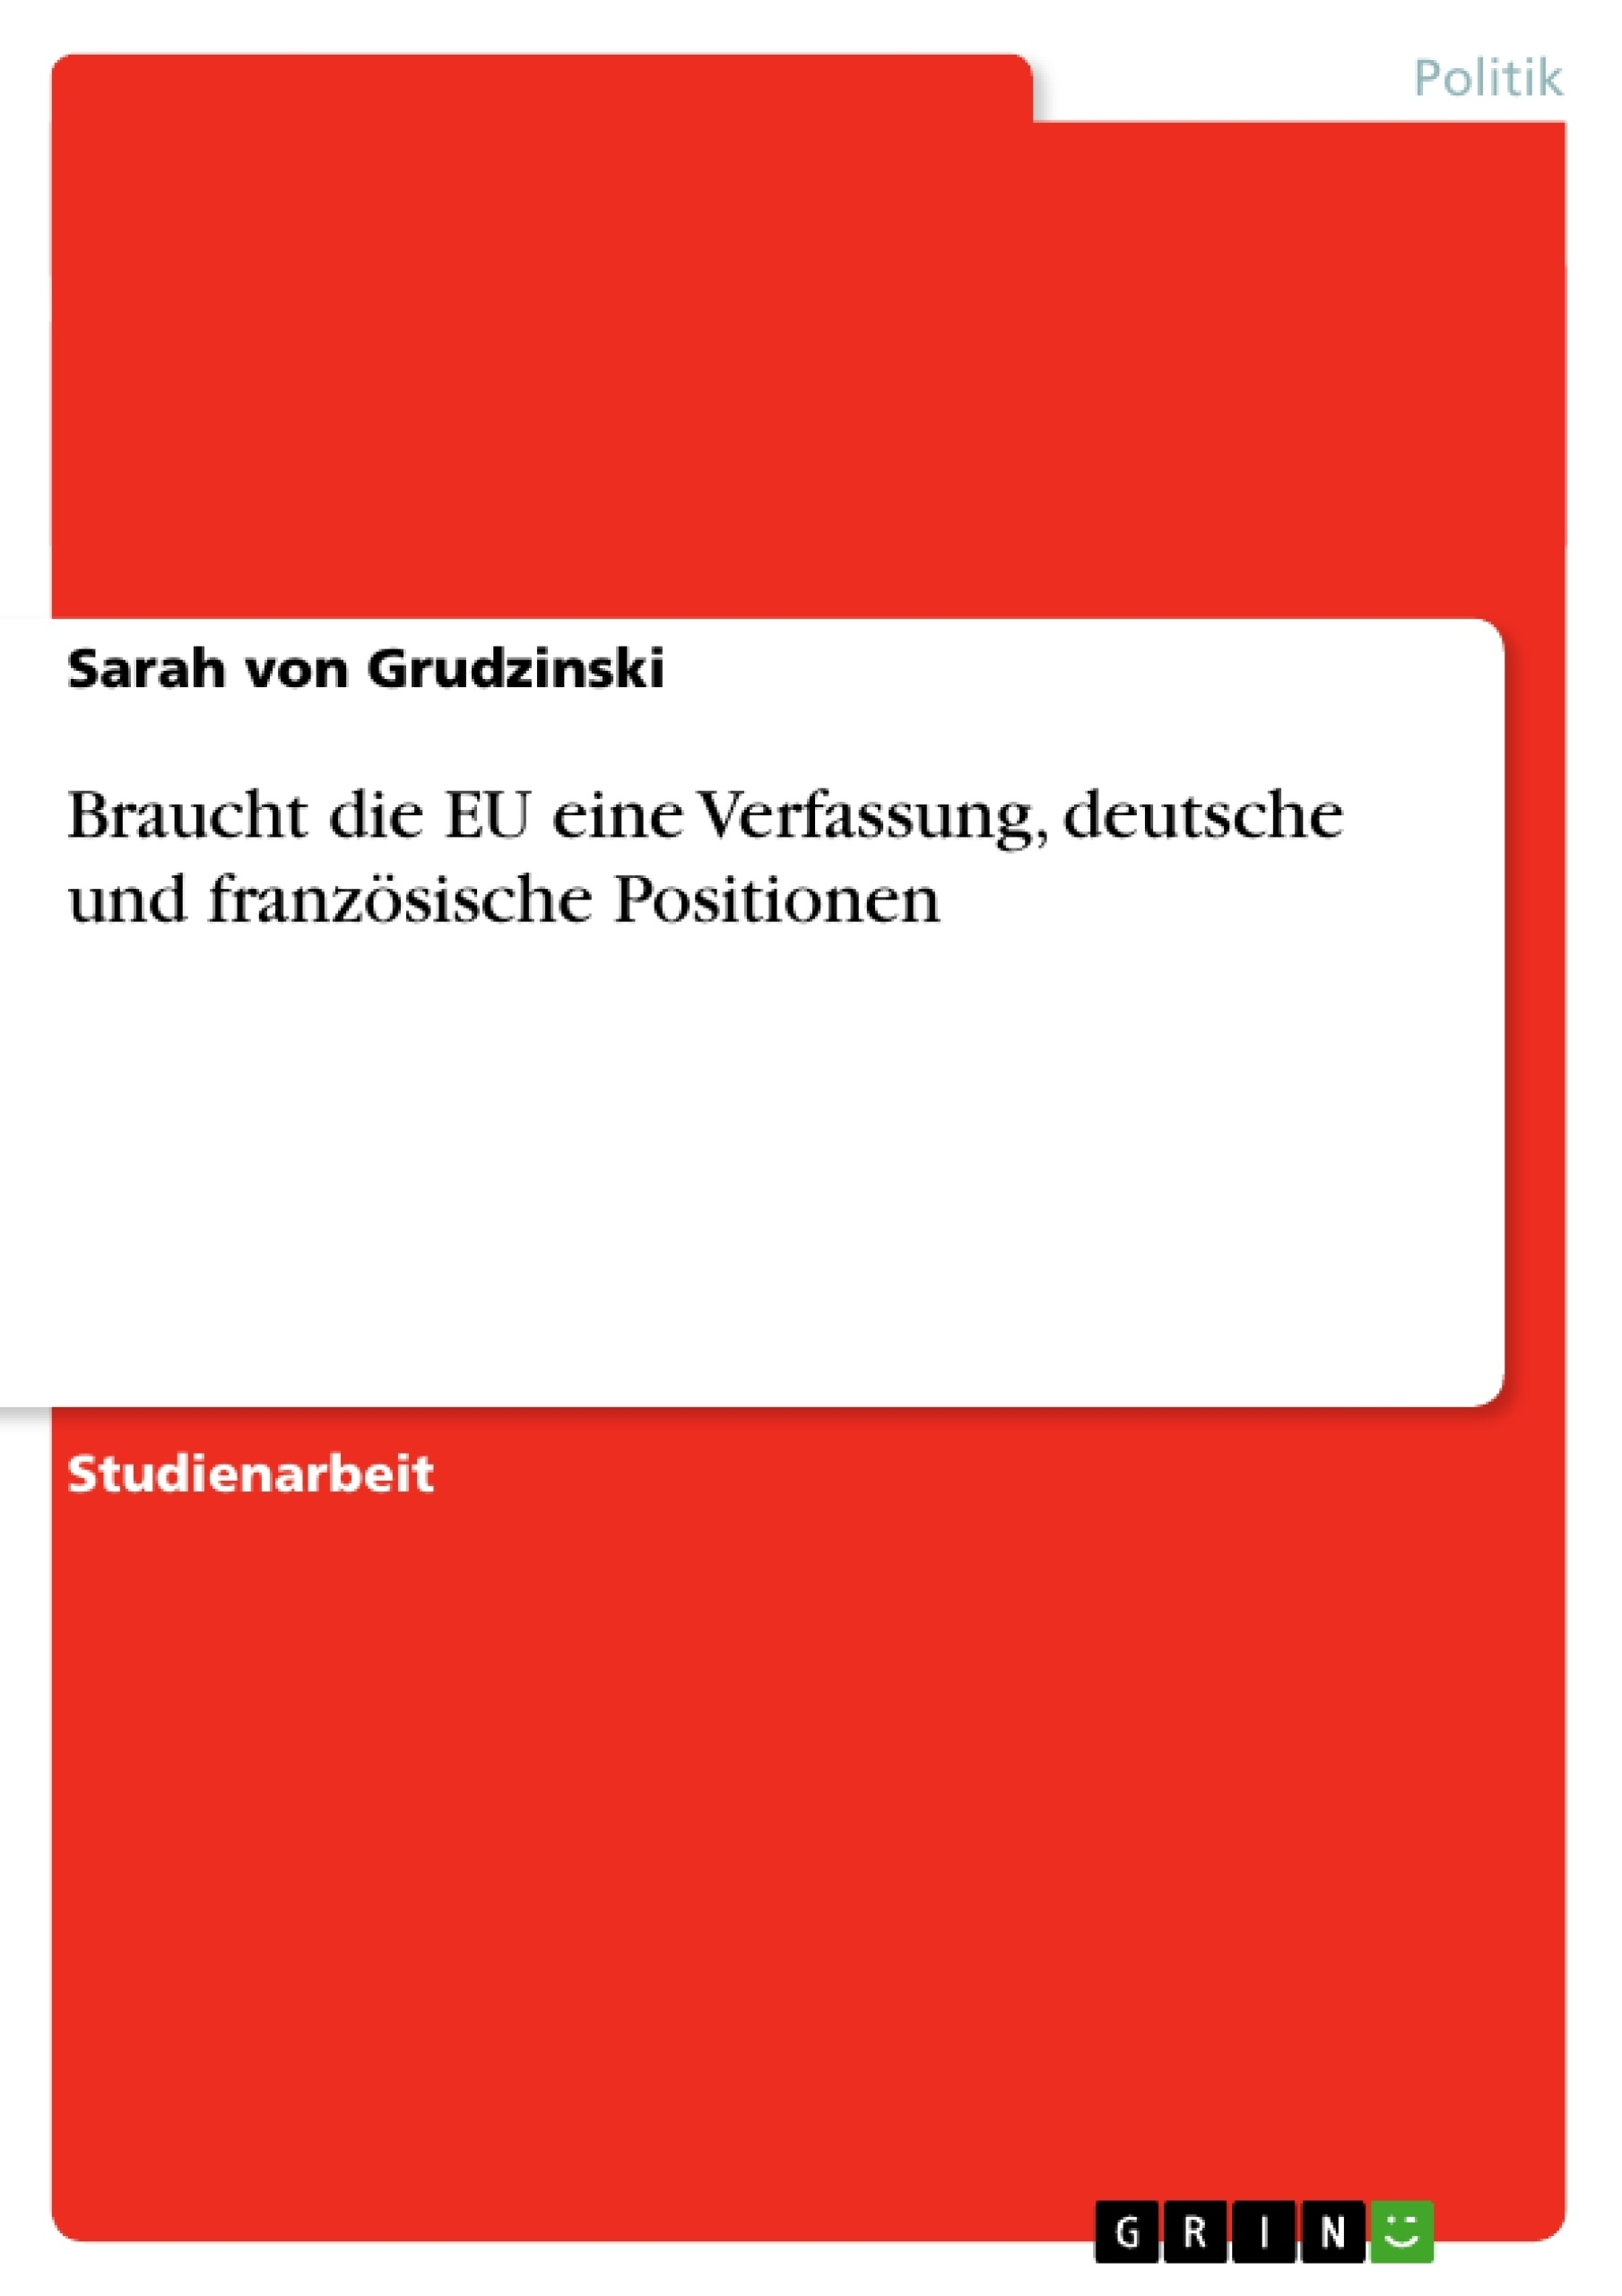 Titel: Braucht die EU eine Verfassung, deutsche und französische Positionen